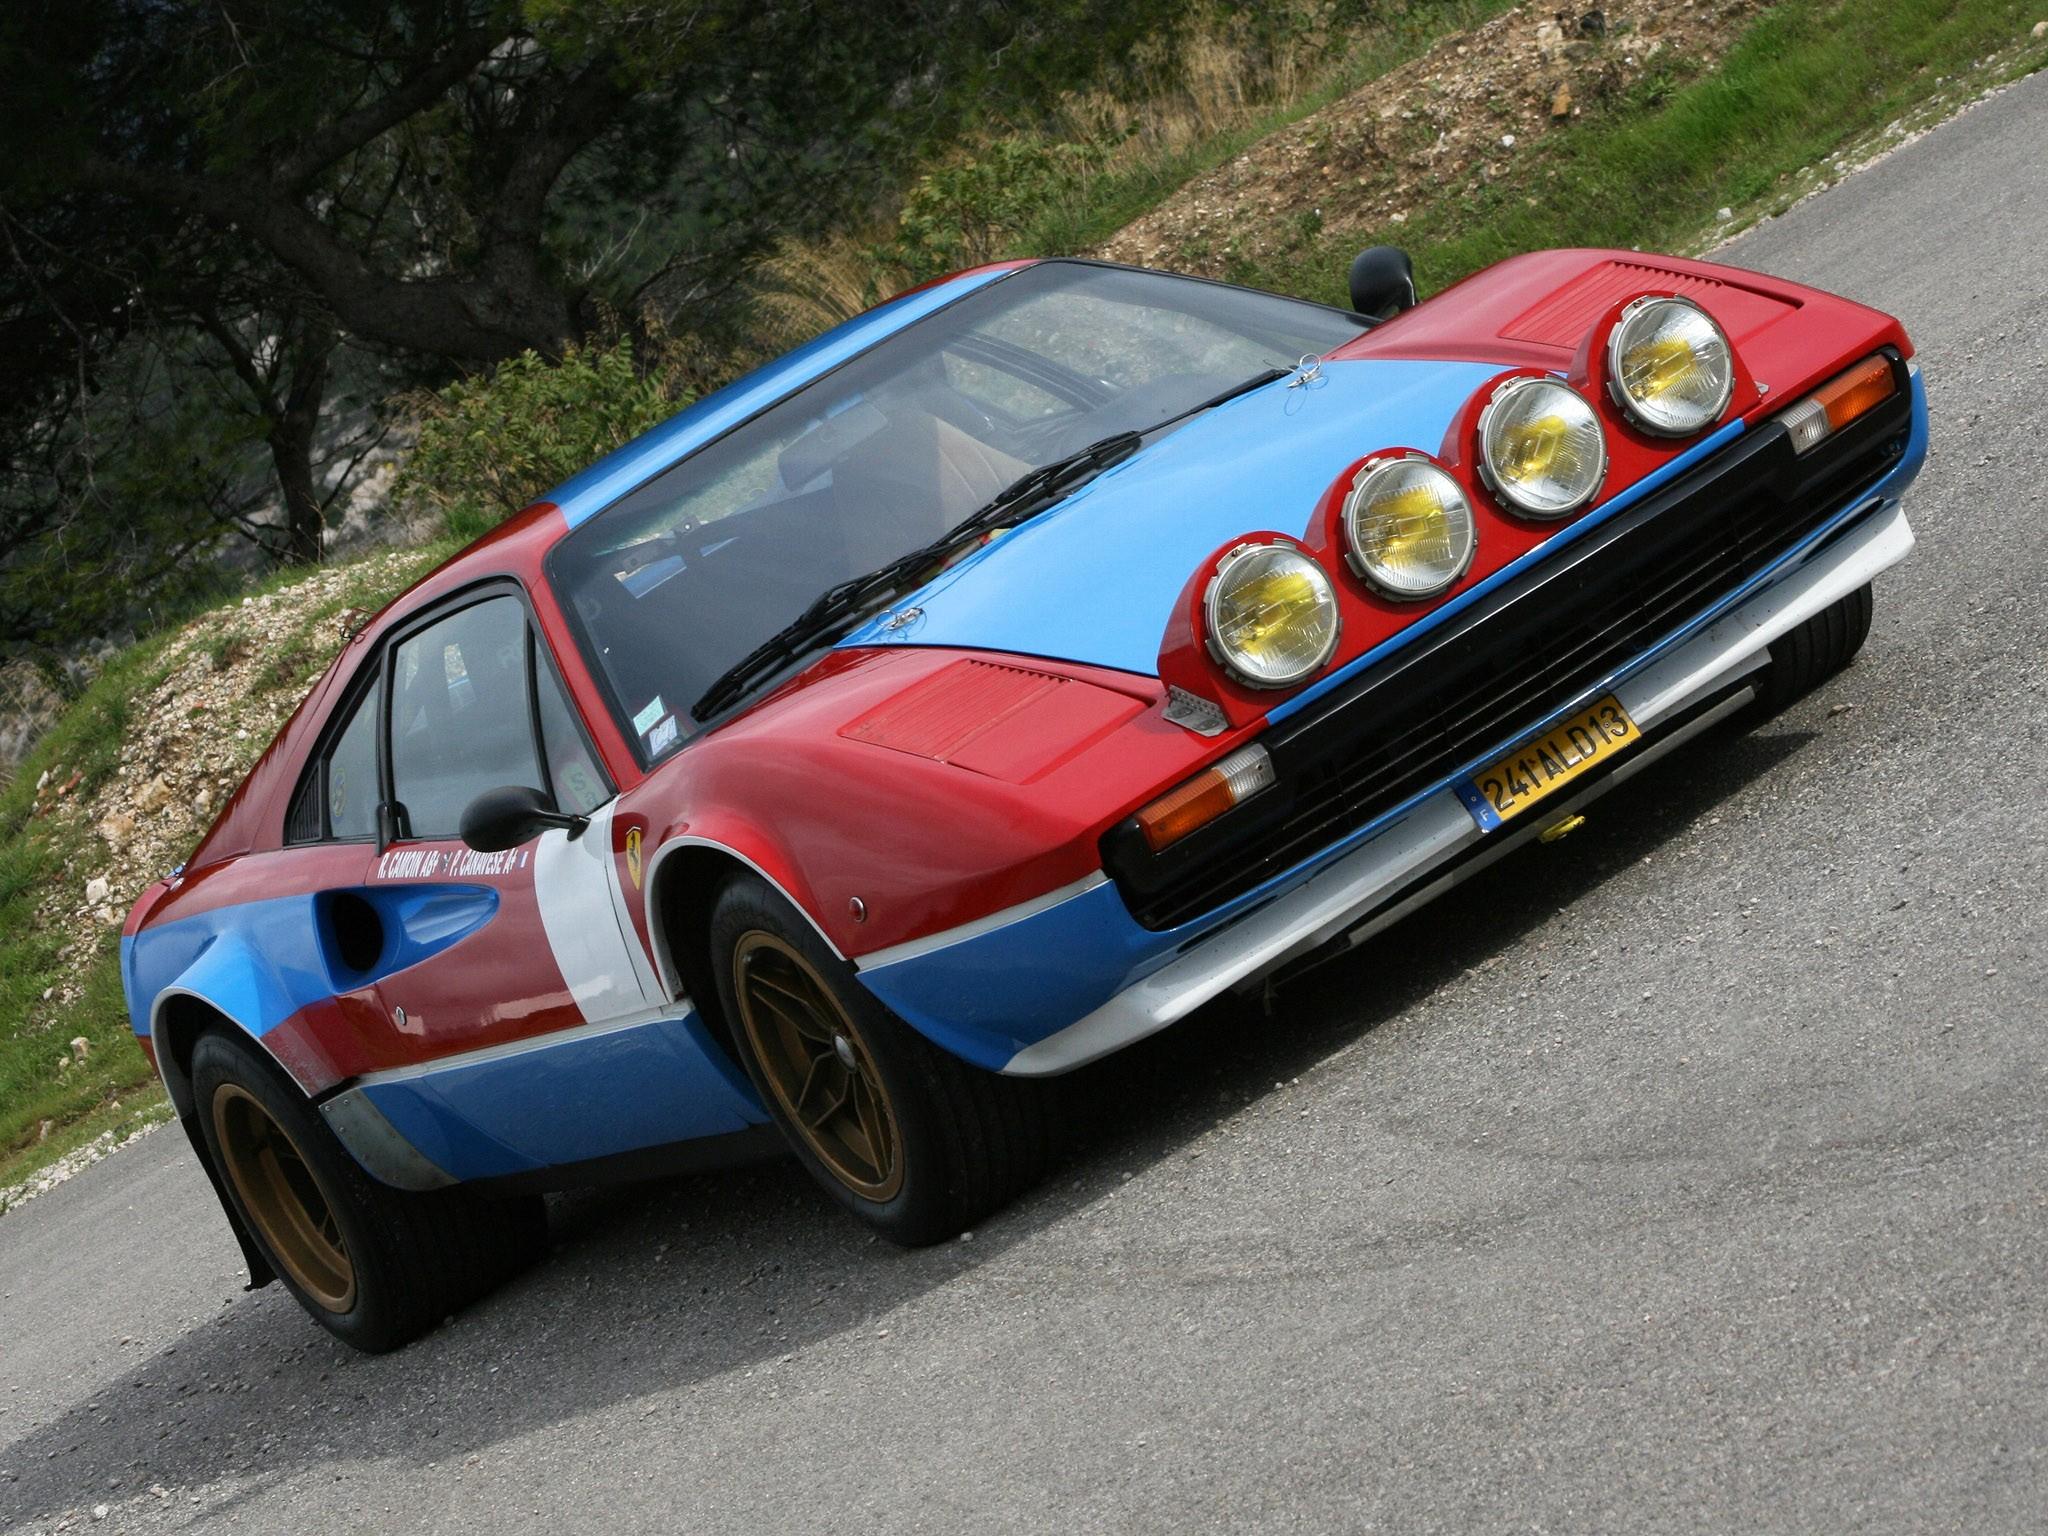 Ferrari 308 GTB Group 4 Michelotto 1978